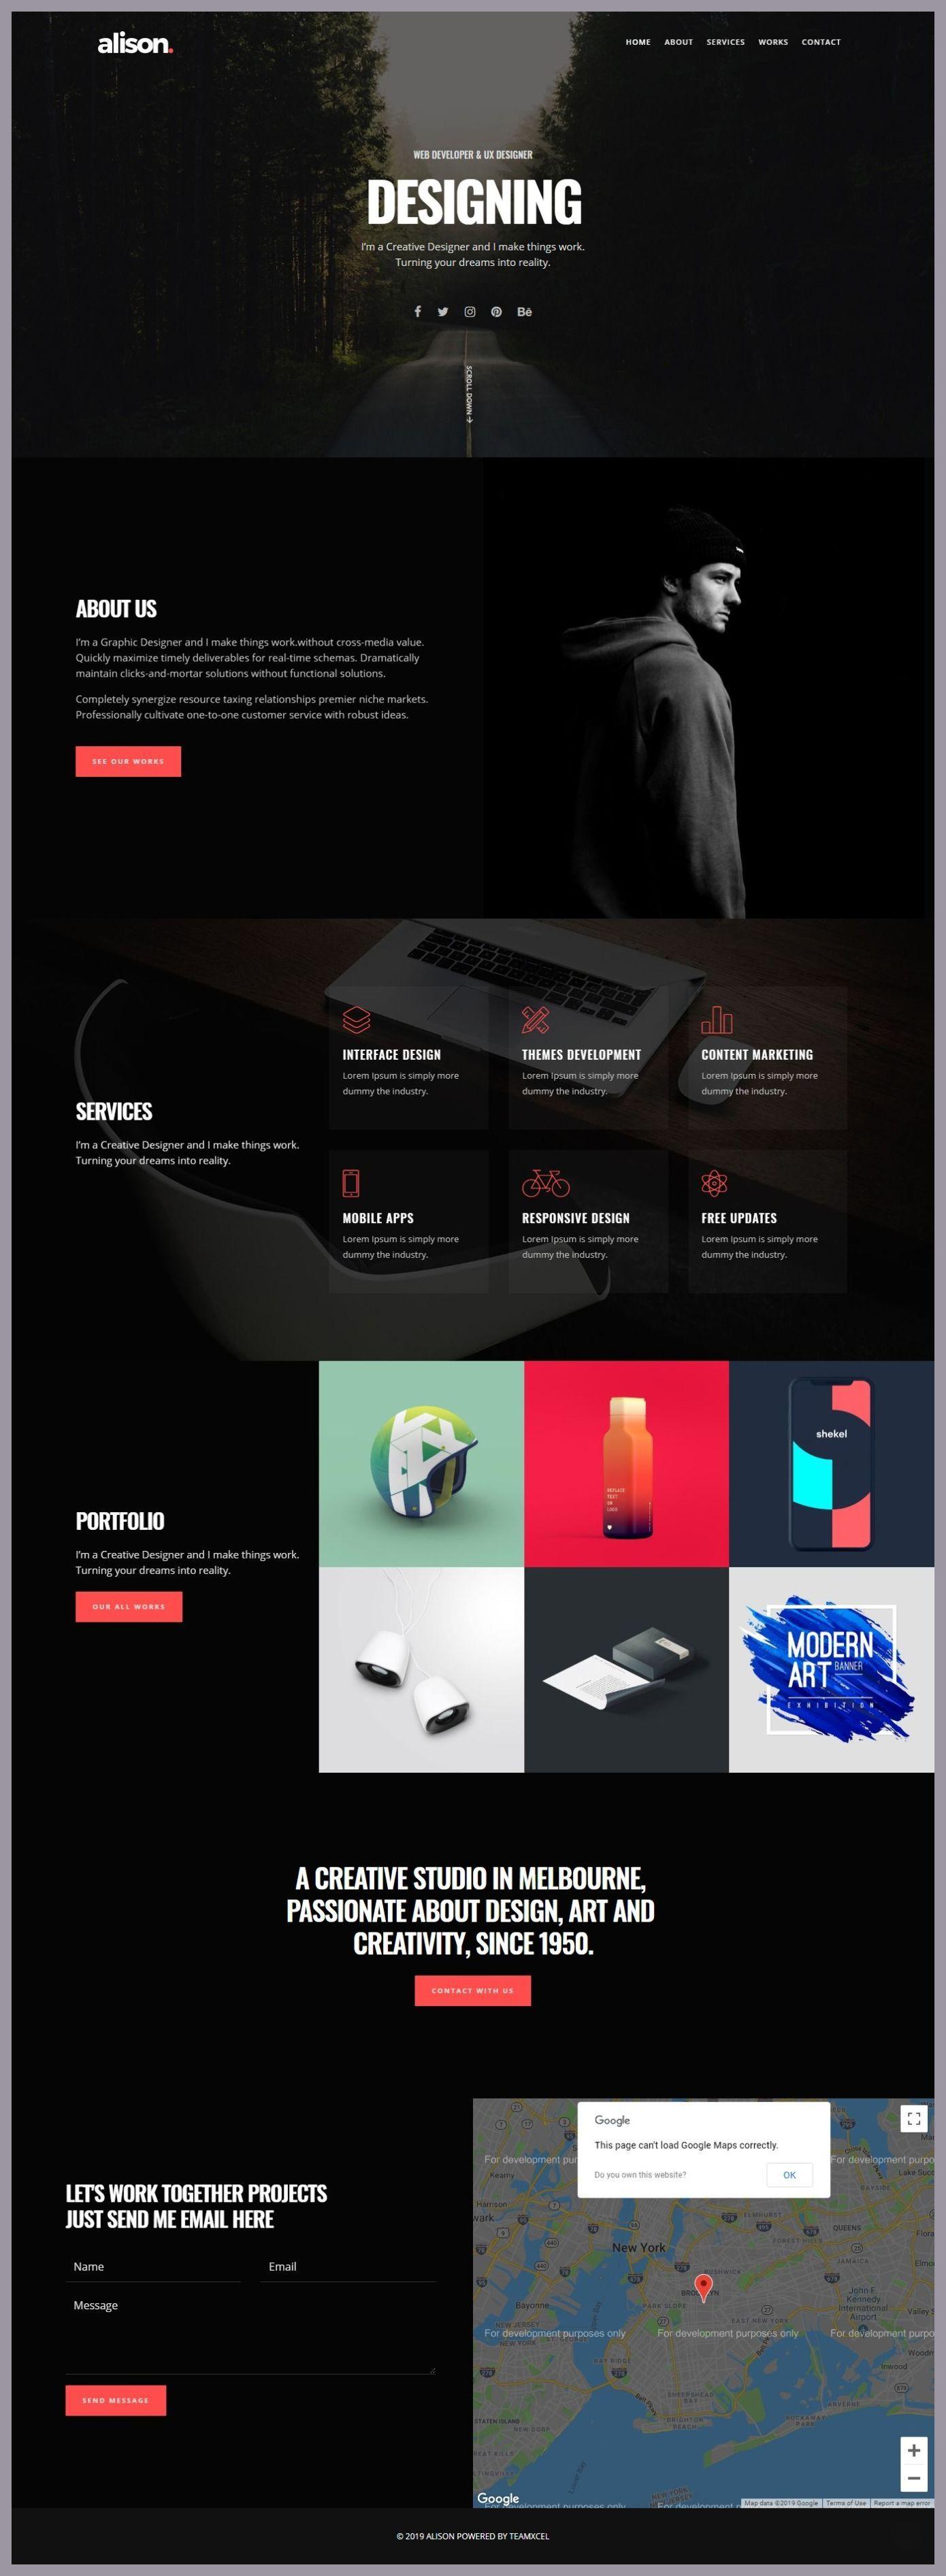 Pin Von Raul Alex Auf Webdesign Inspirationen Design Web Web Design Webdesign